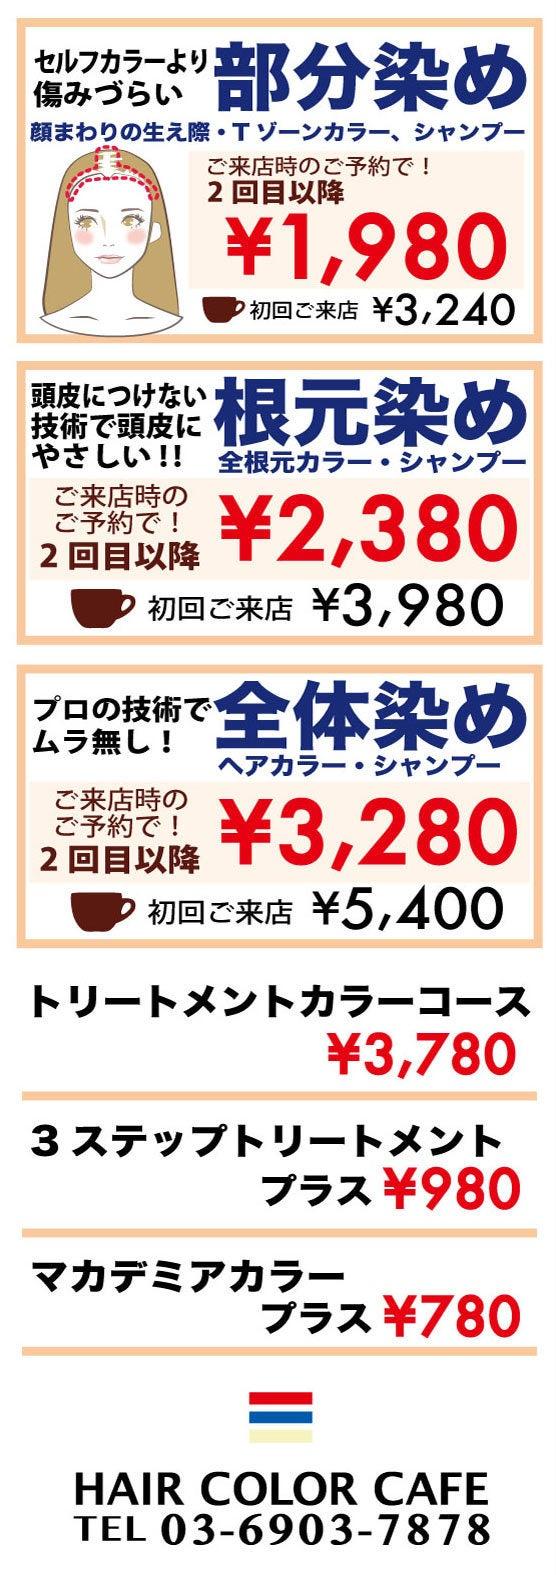 ヘアカラーカフェ料金表